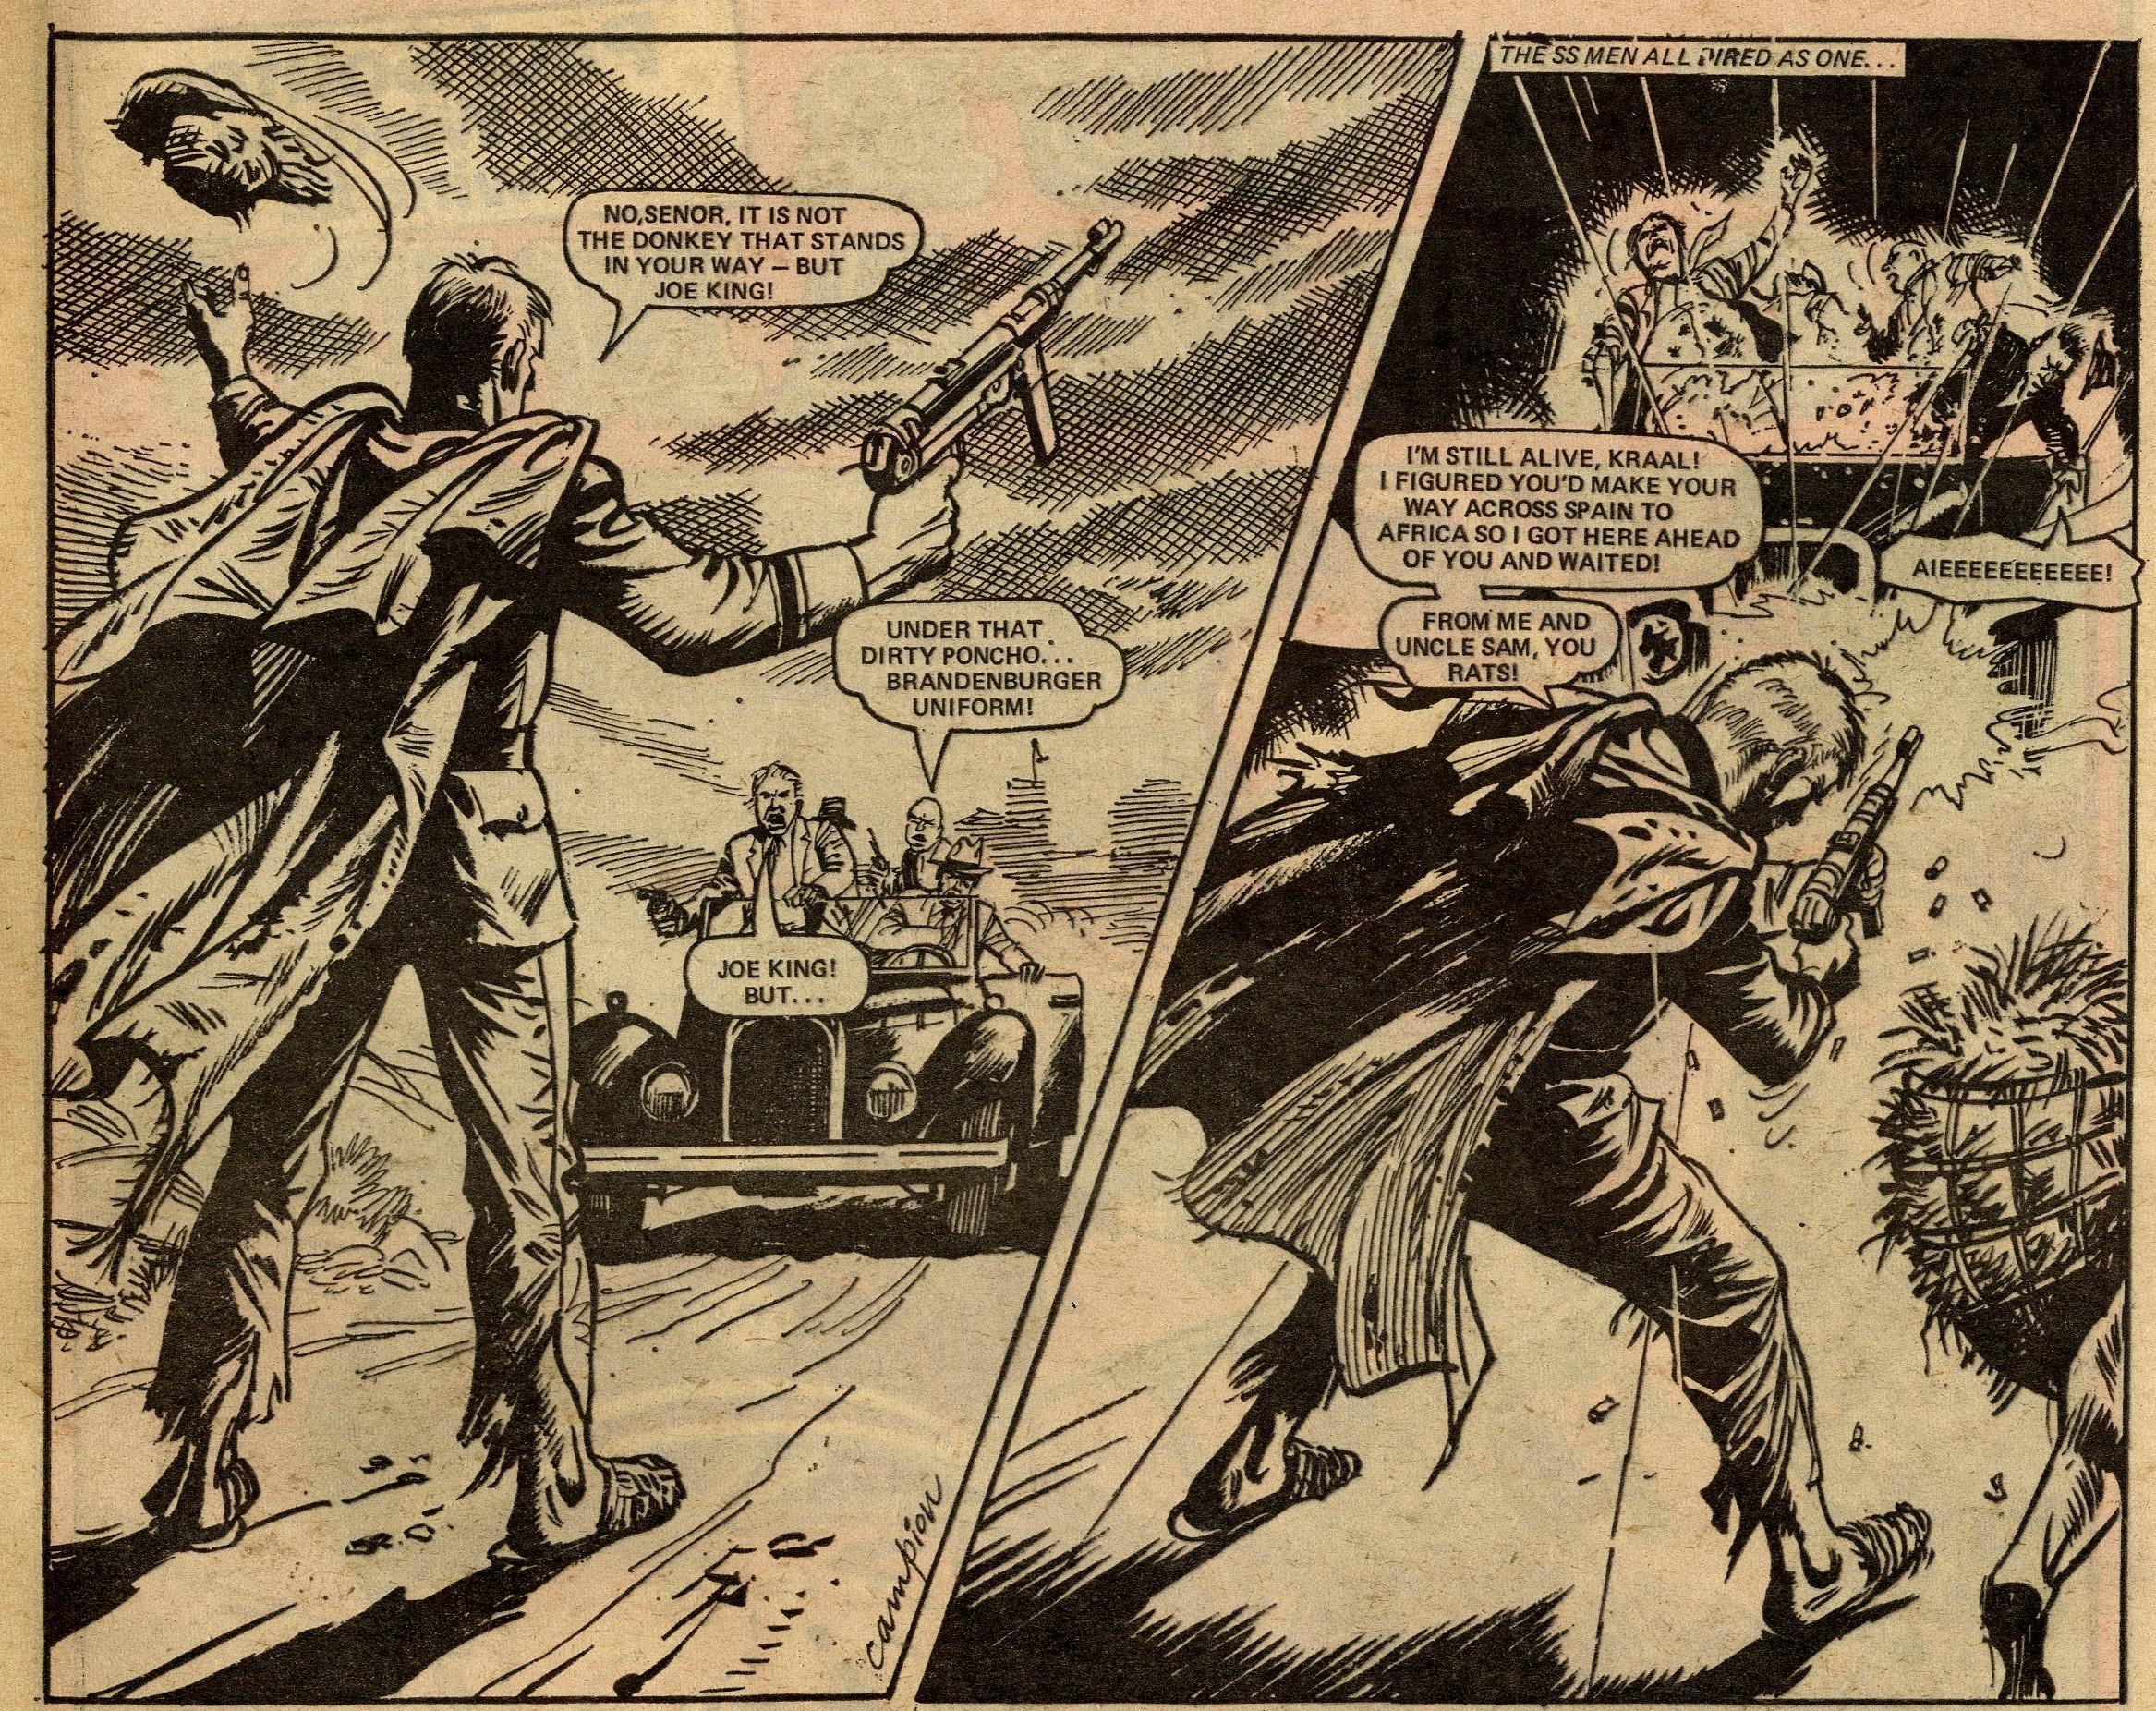 Kommando King: Gerry Finley-Day (writer), Geoff Campion (artist)